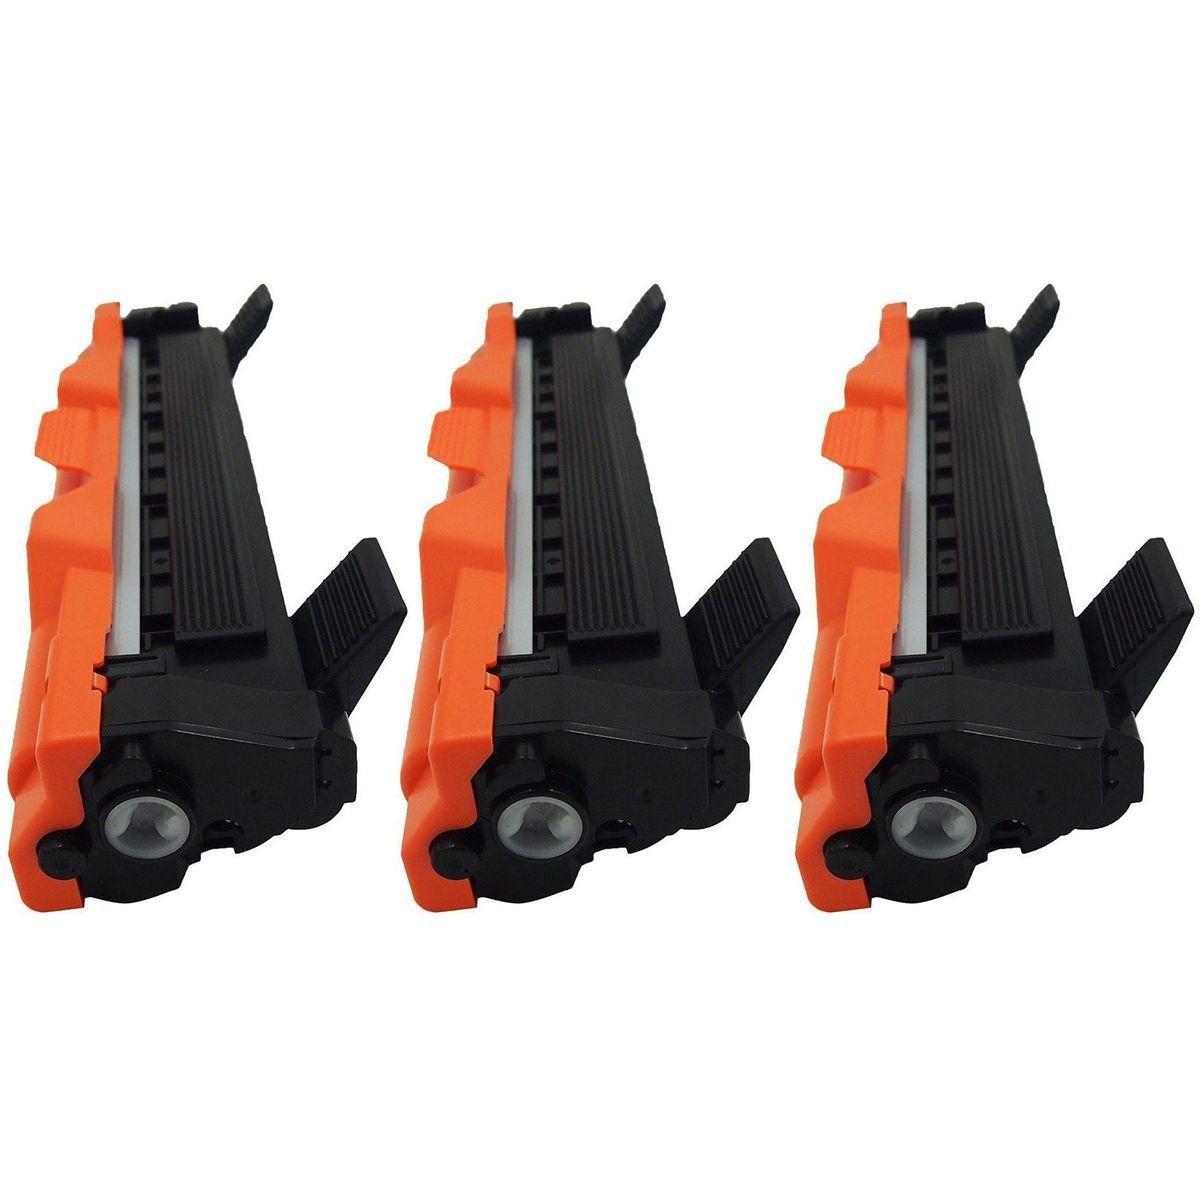 Compatível: Kit 3x Toner TN1060 para Brother DCP1612w HL1110 HL1112e HL1210w HL1212w MFC1810e DCP1617nw / Preto / 1.000